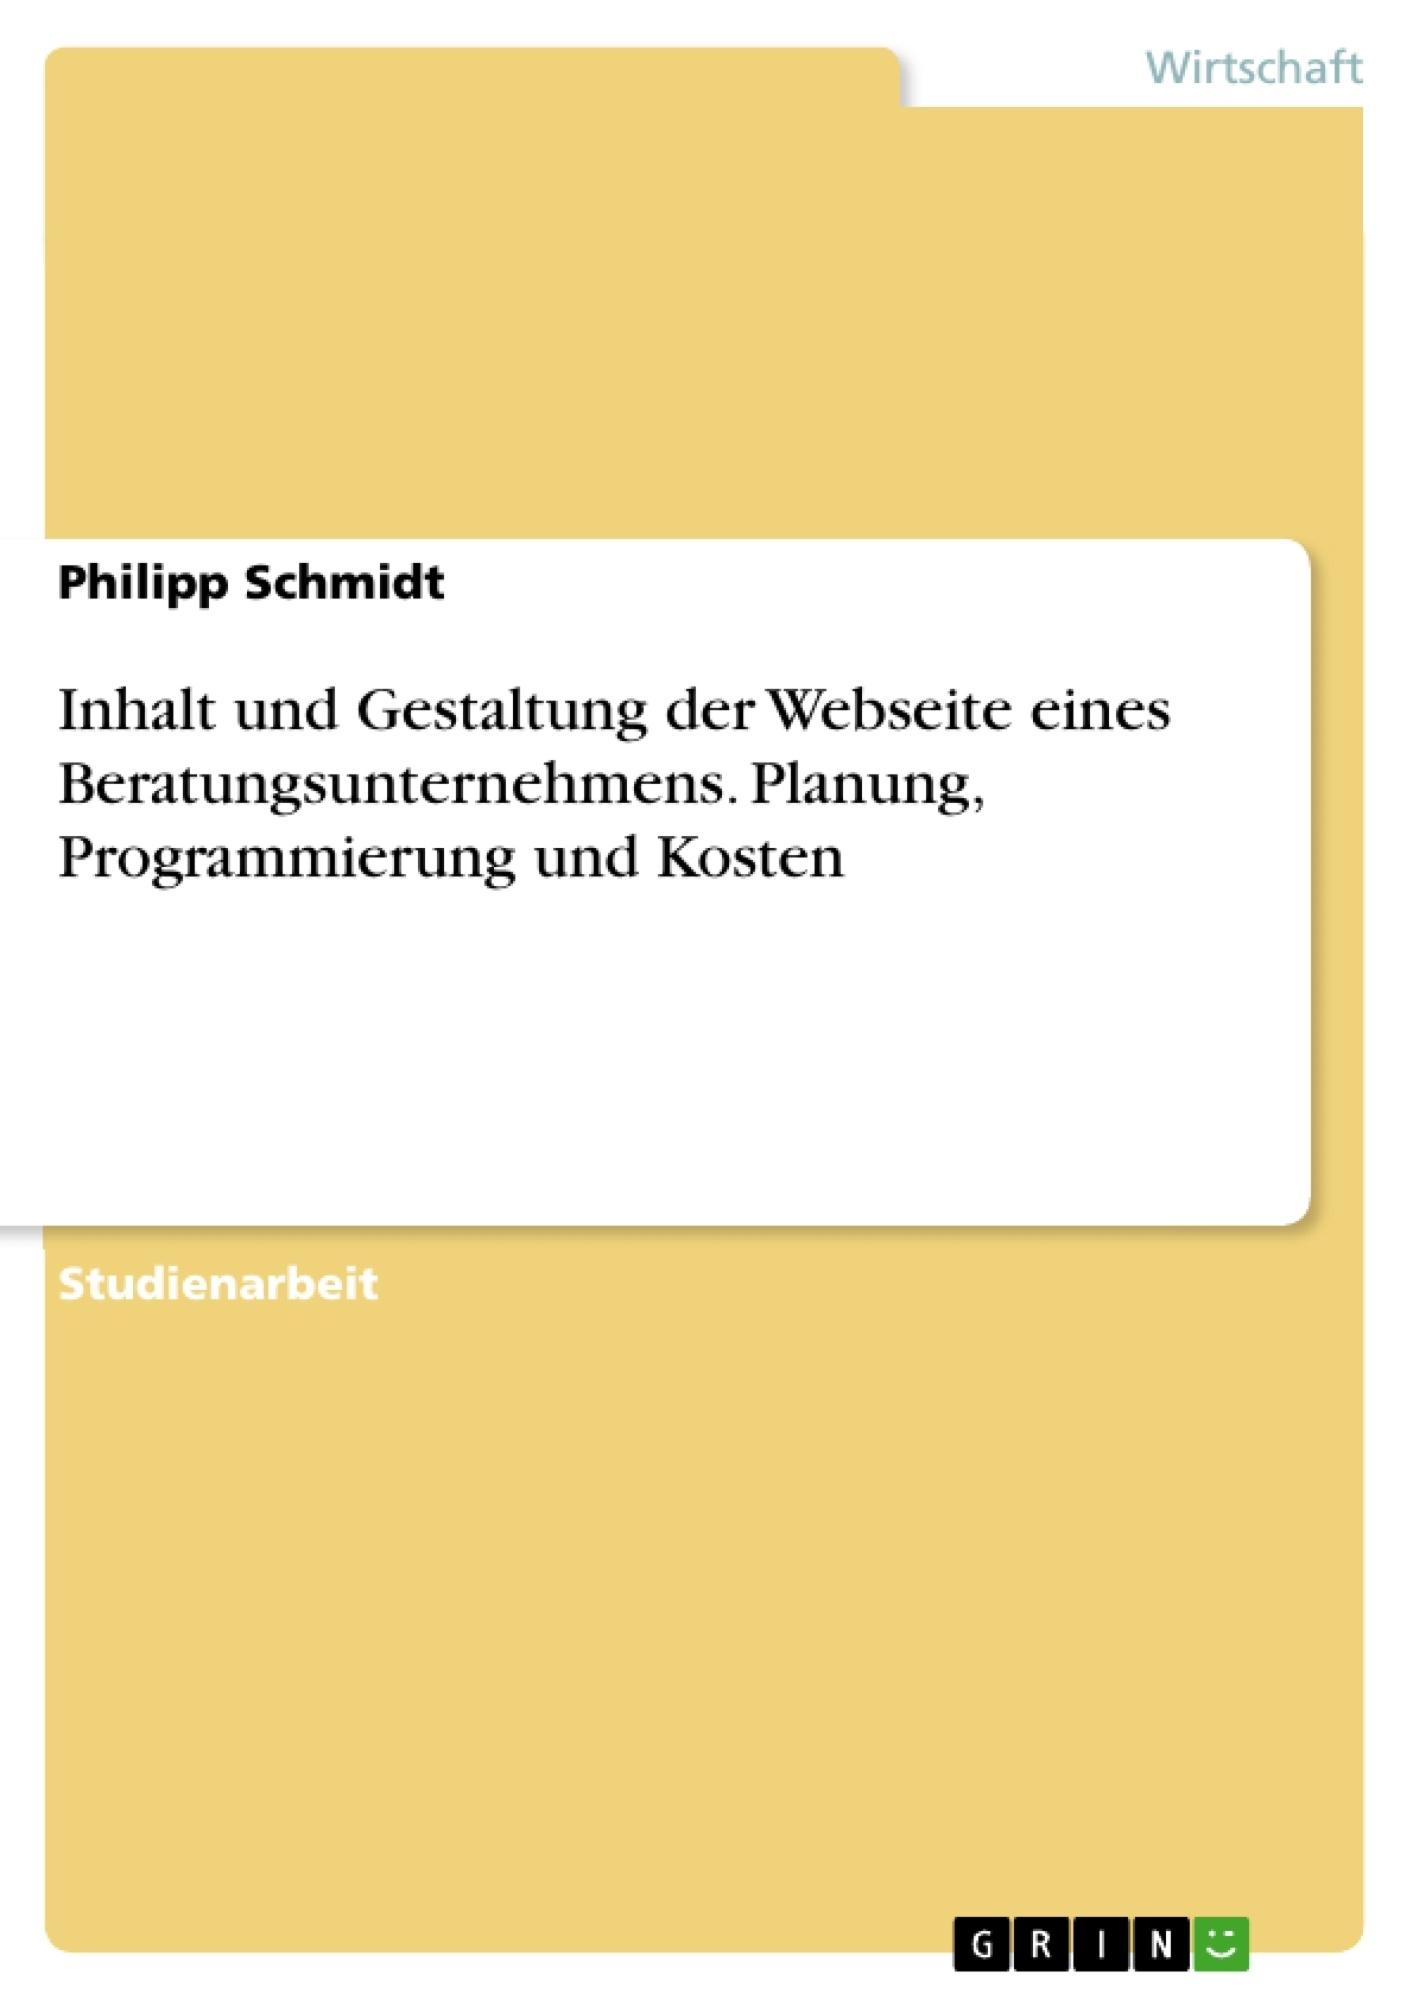 Titel: Inhalt und Gestaltung der Webseite eines Beratungsunternehmens. Planung, Programmierung und Kosten